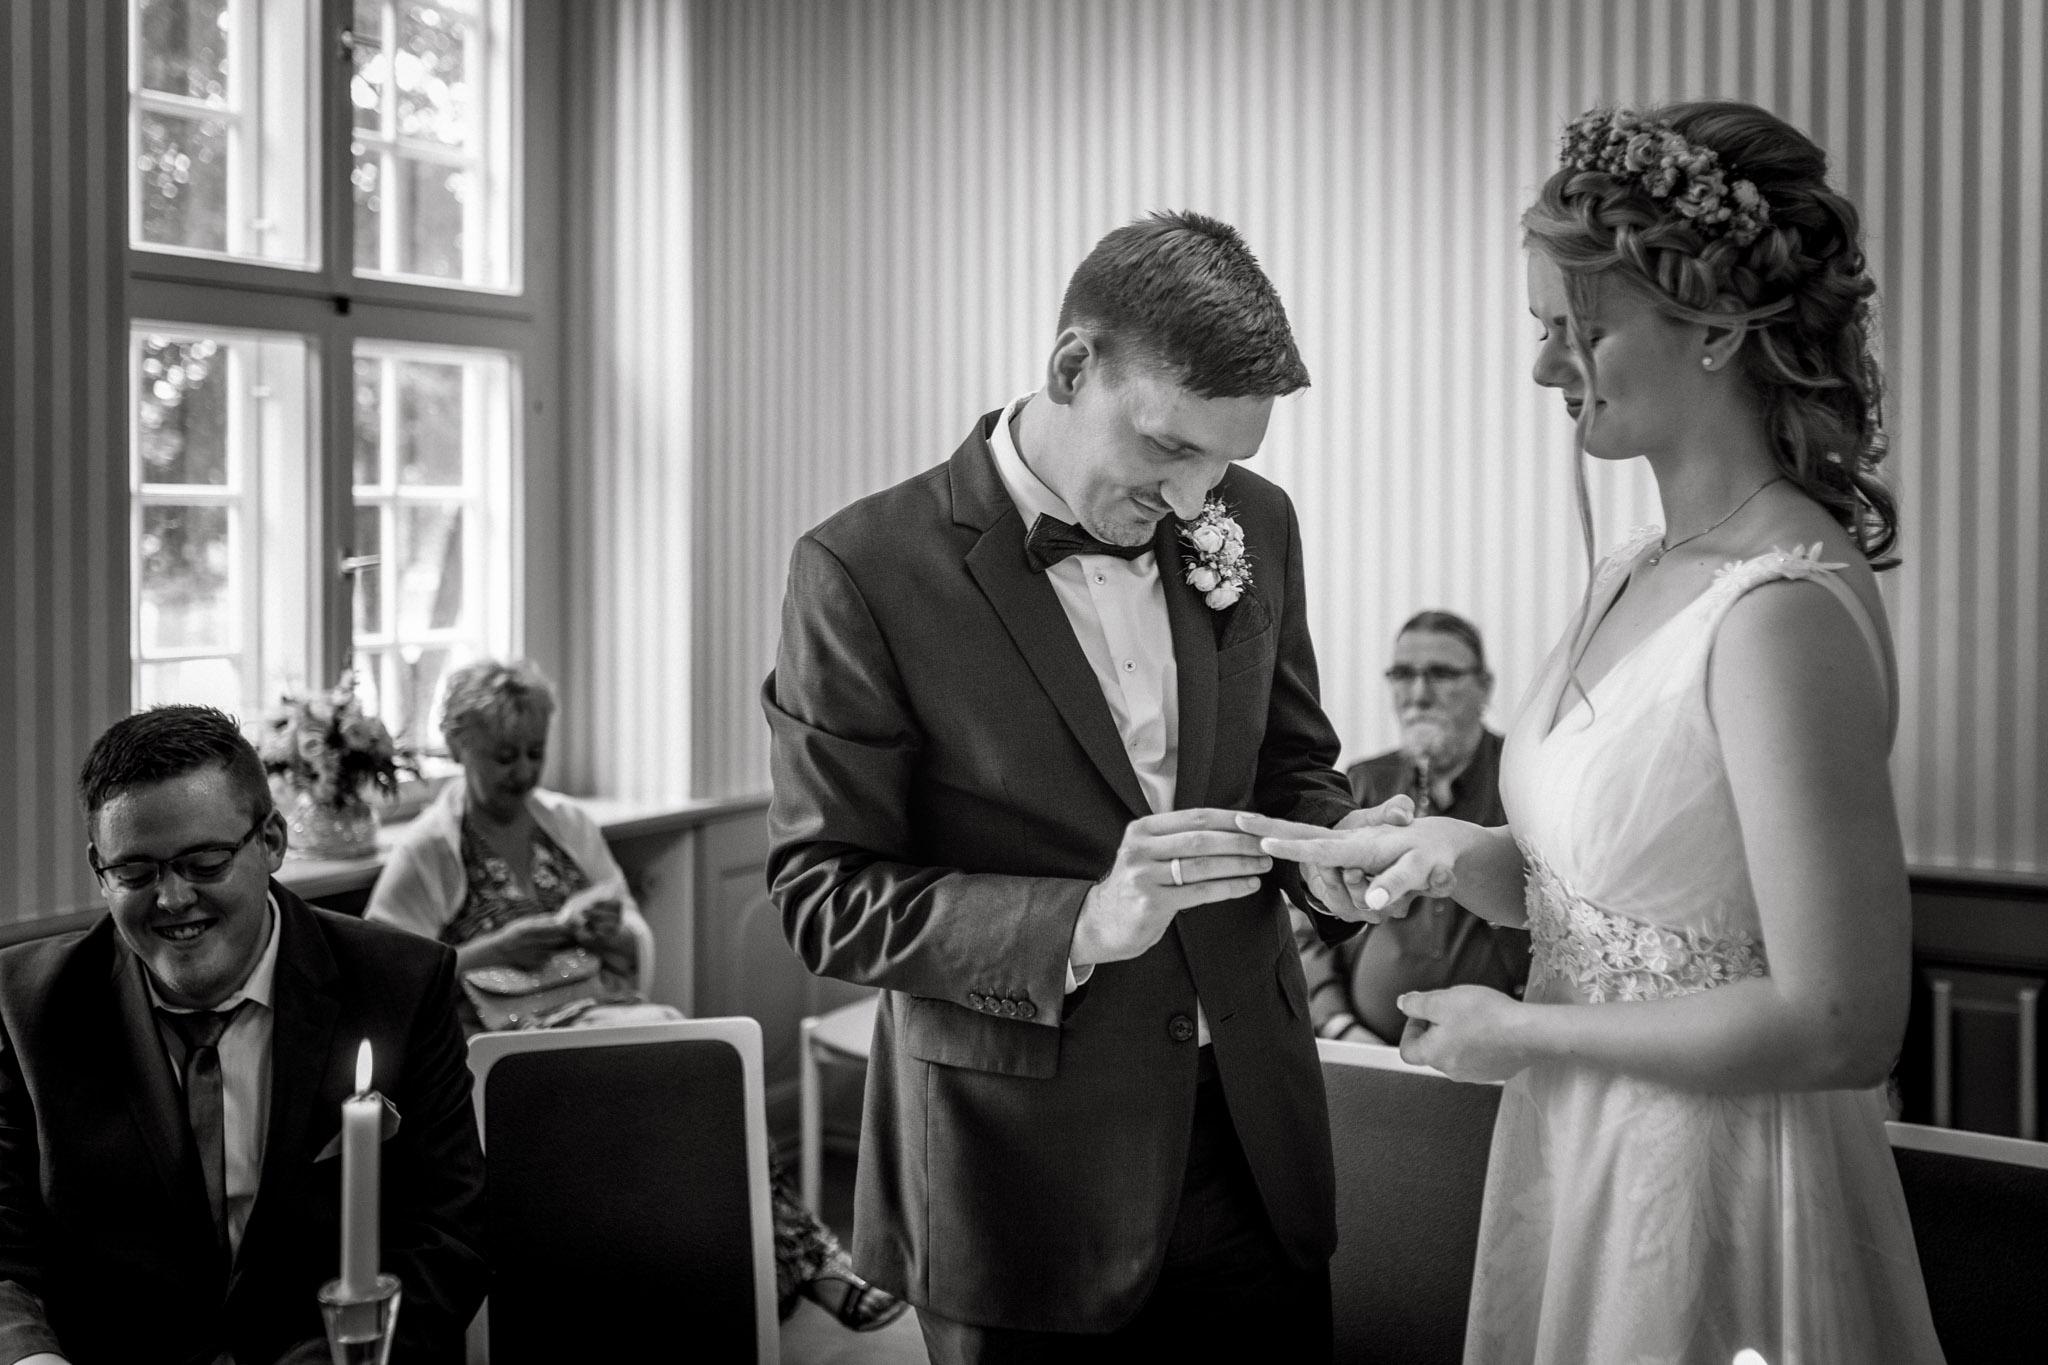 Hochzeitsfieber by Photo-Schomburg, Sven Schomburg Hochzeitsfotografie, Hochzeitsfotograf, Bad Bramstedt, Hamburg, Schleswig-Hostein-22